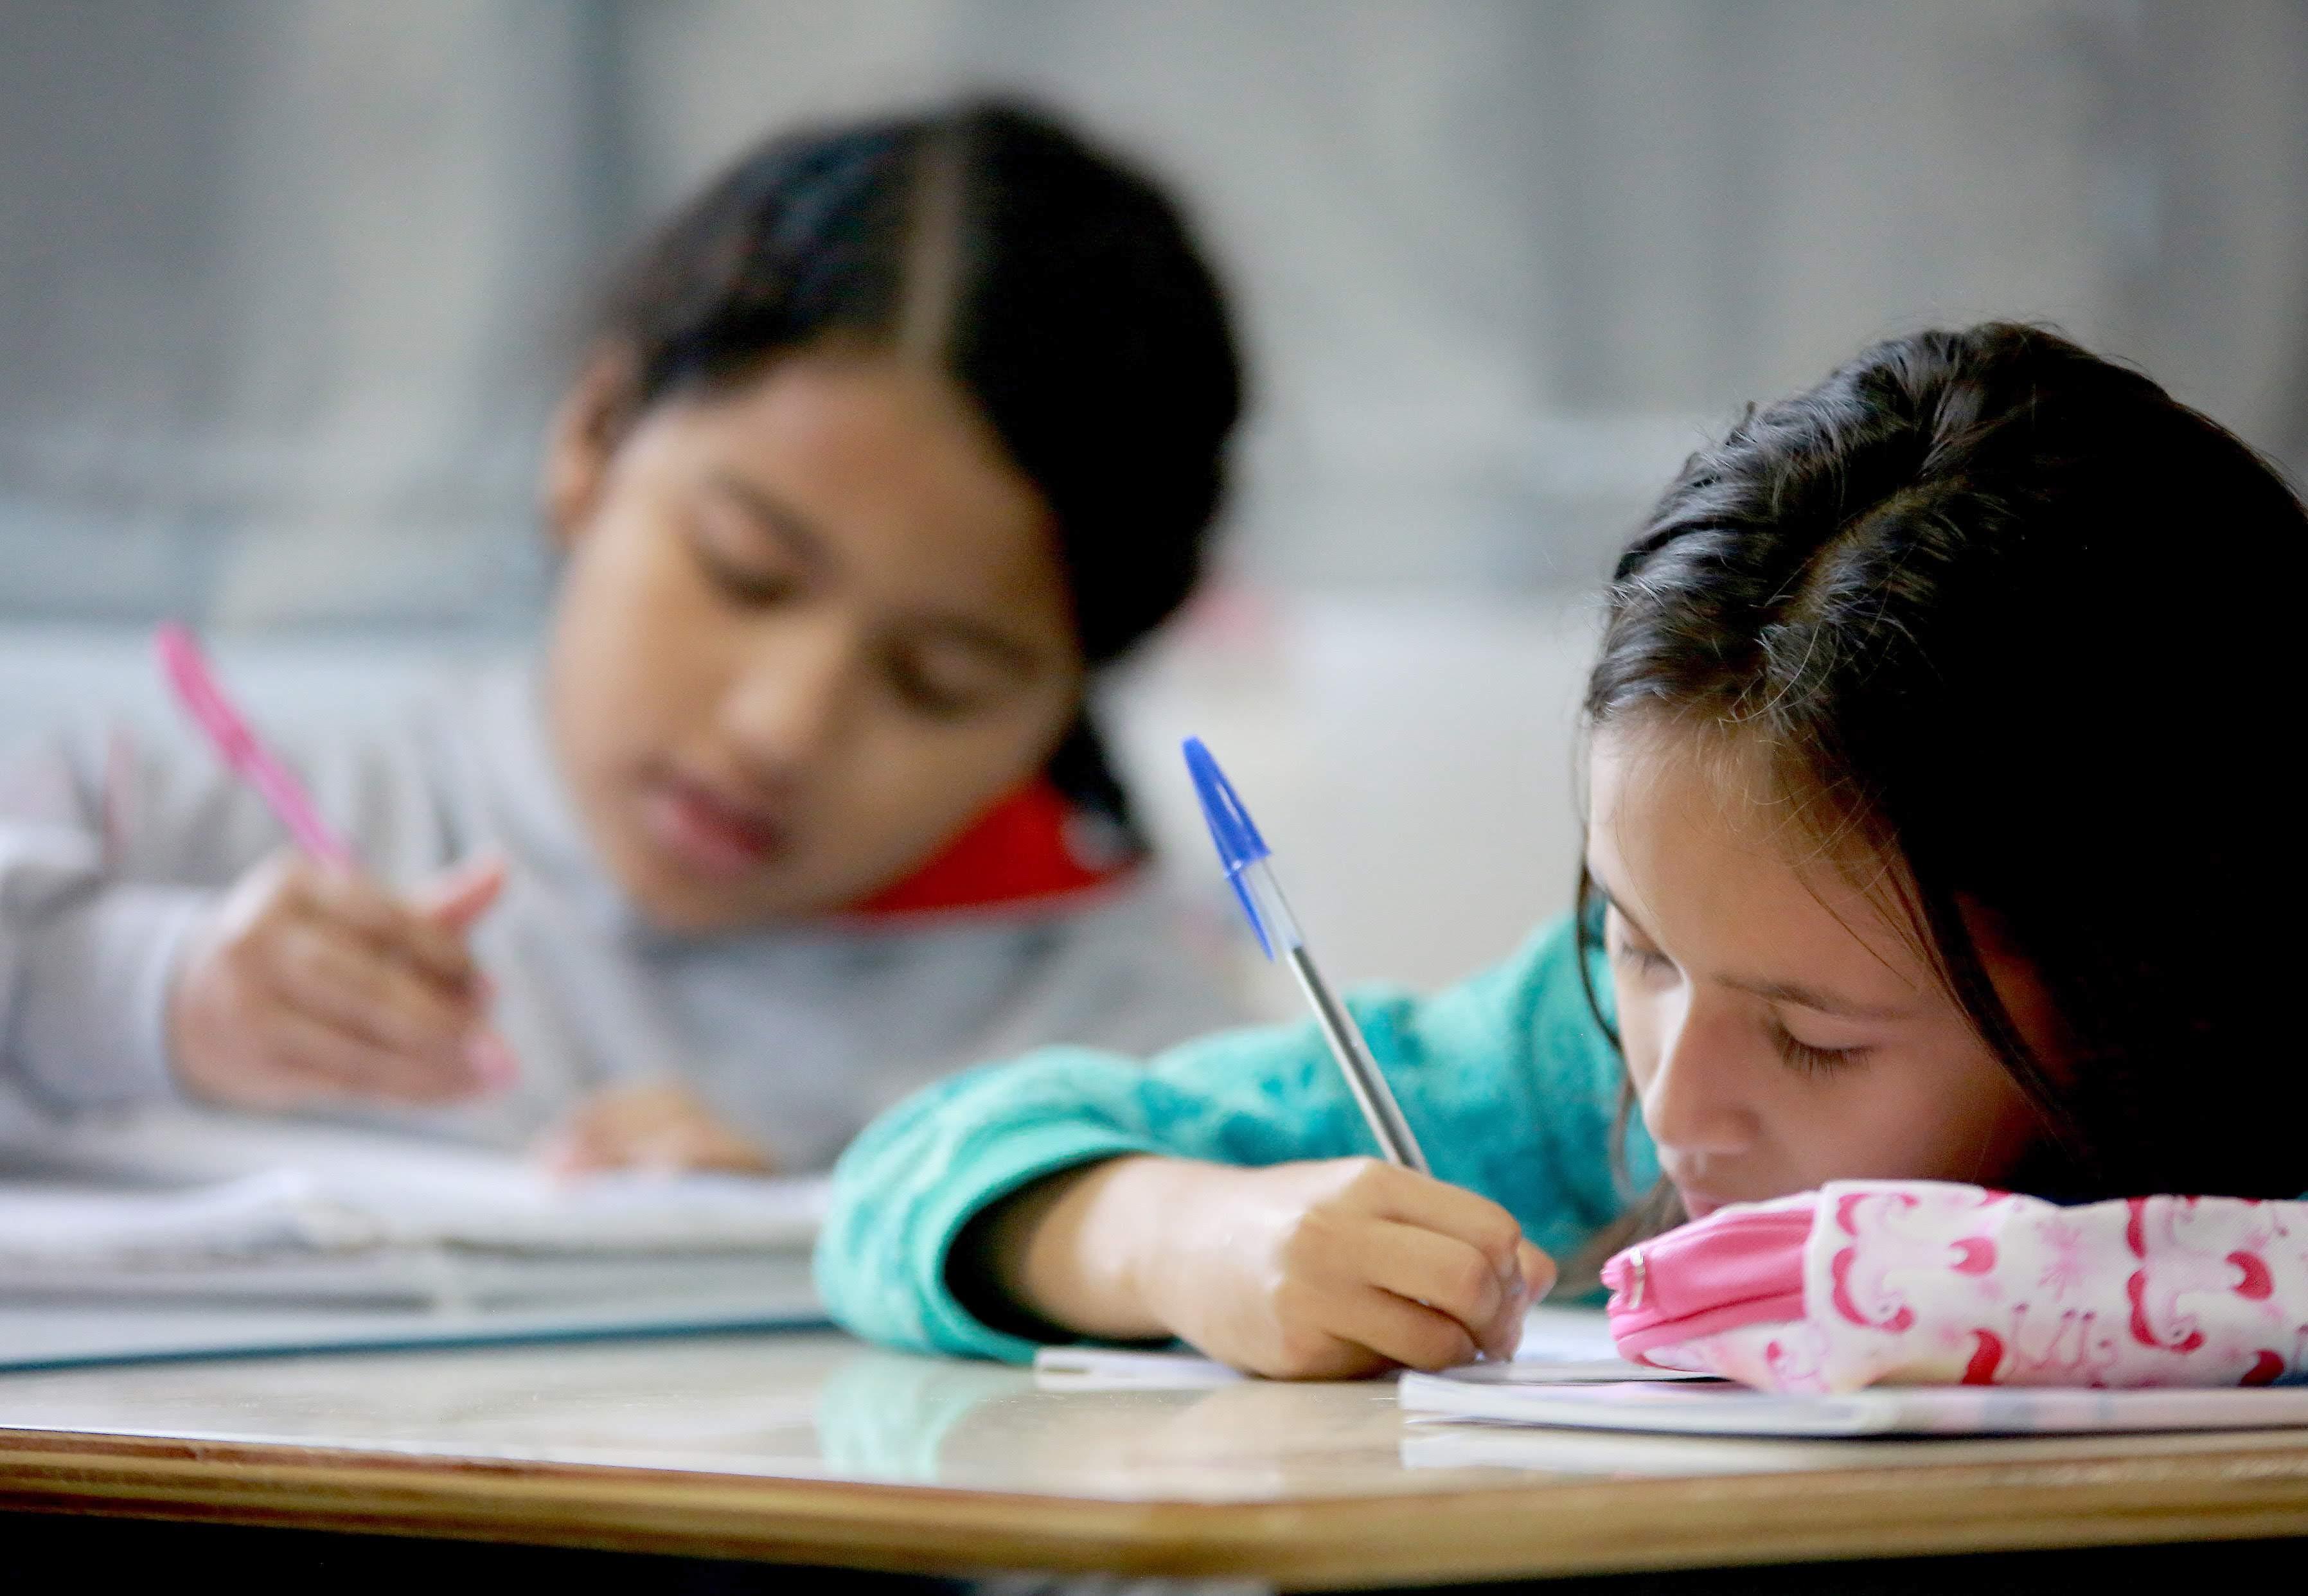 Segunda etapa da avaliação institucional na educação começa nesta segunda-feira em SC - Notícias - Plantão Diário